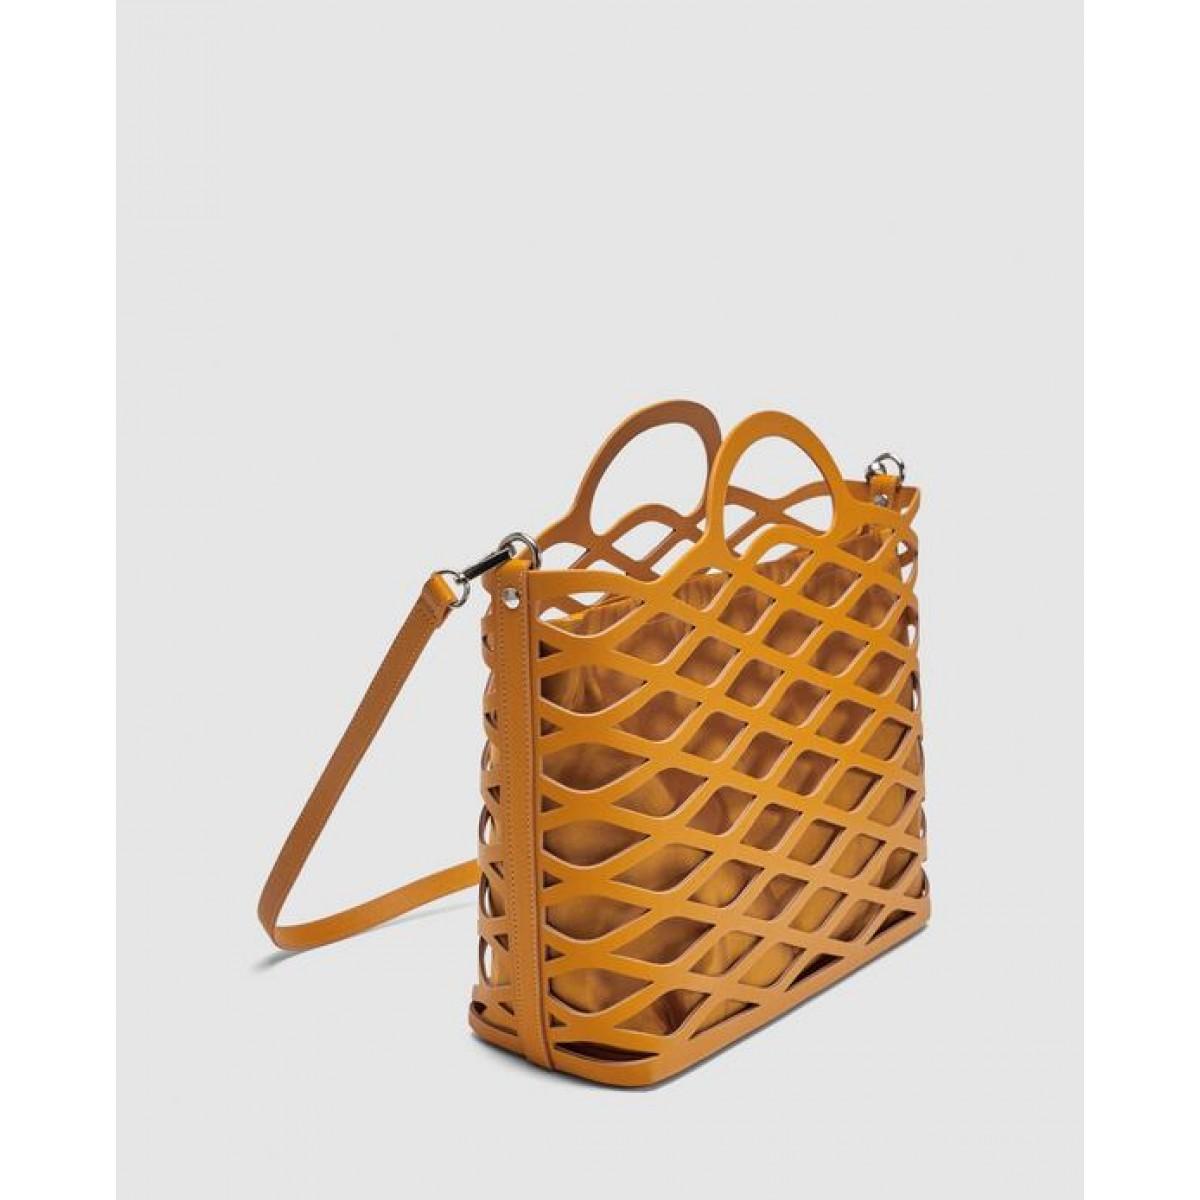 Zara Die-Cut Tote Bag